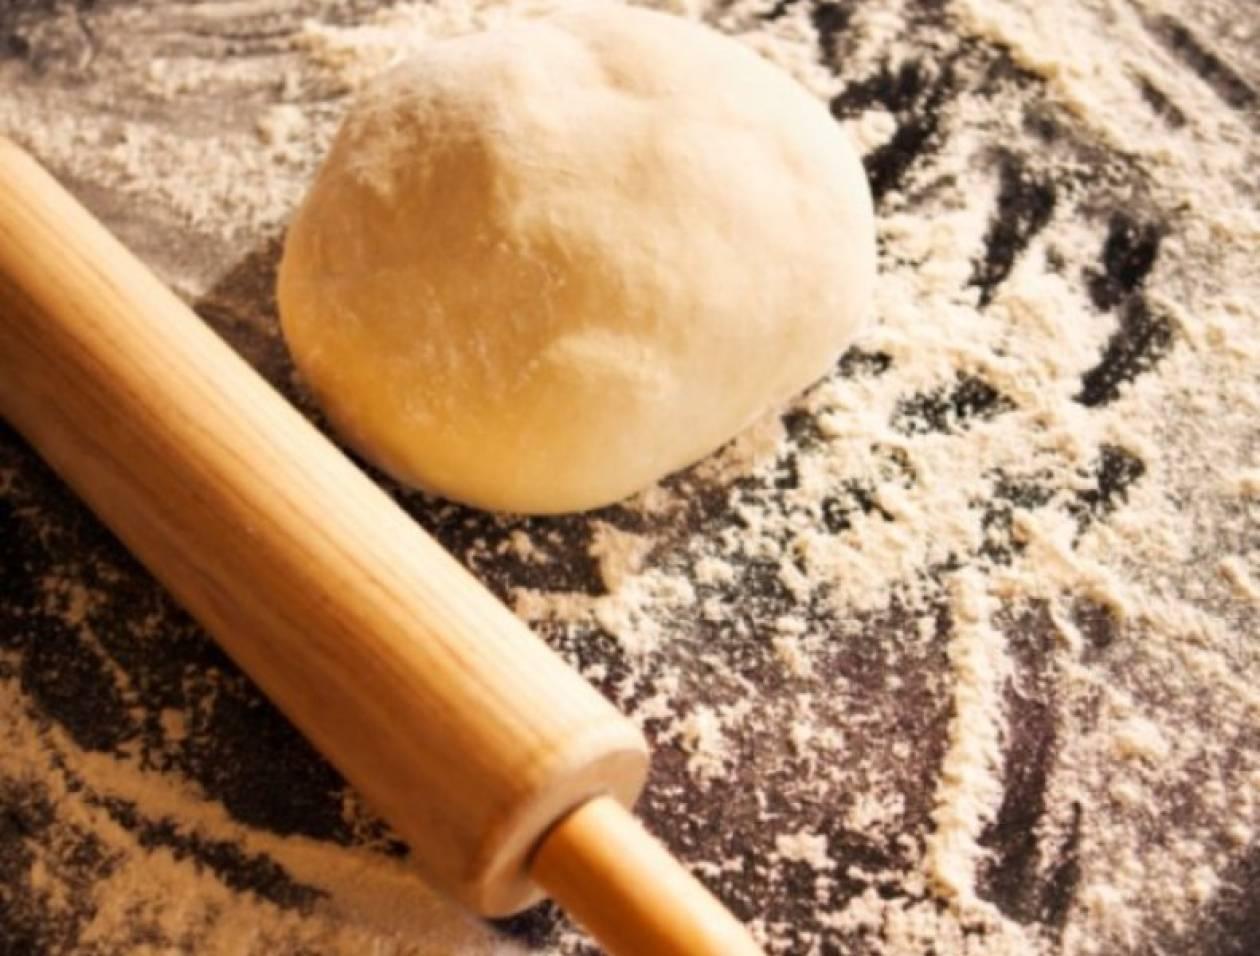 Μια απλή αλλά σημαντική συμβουλή για τις νέες μαγείρισσες